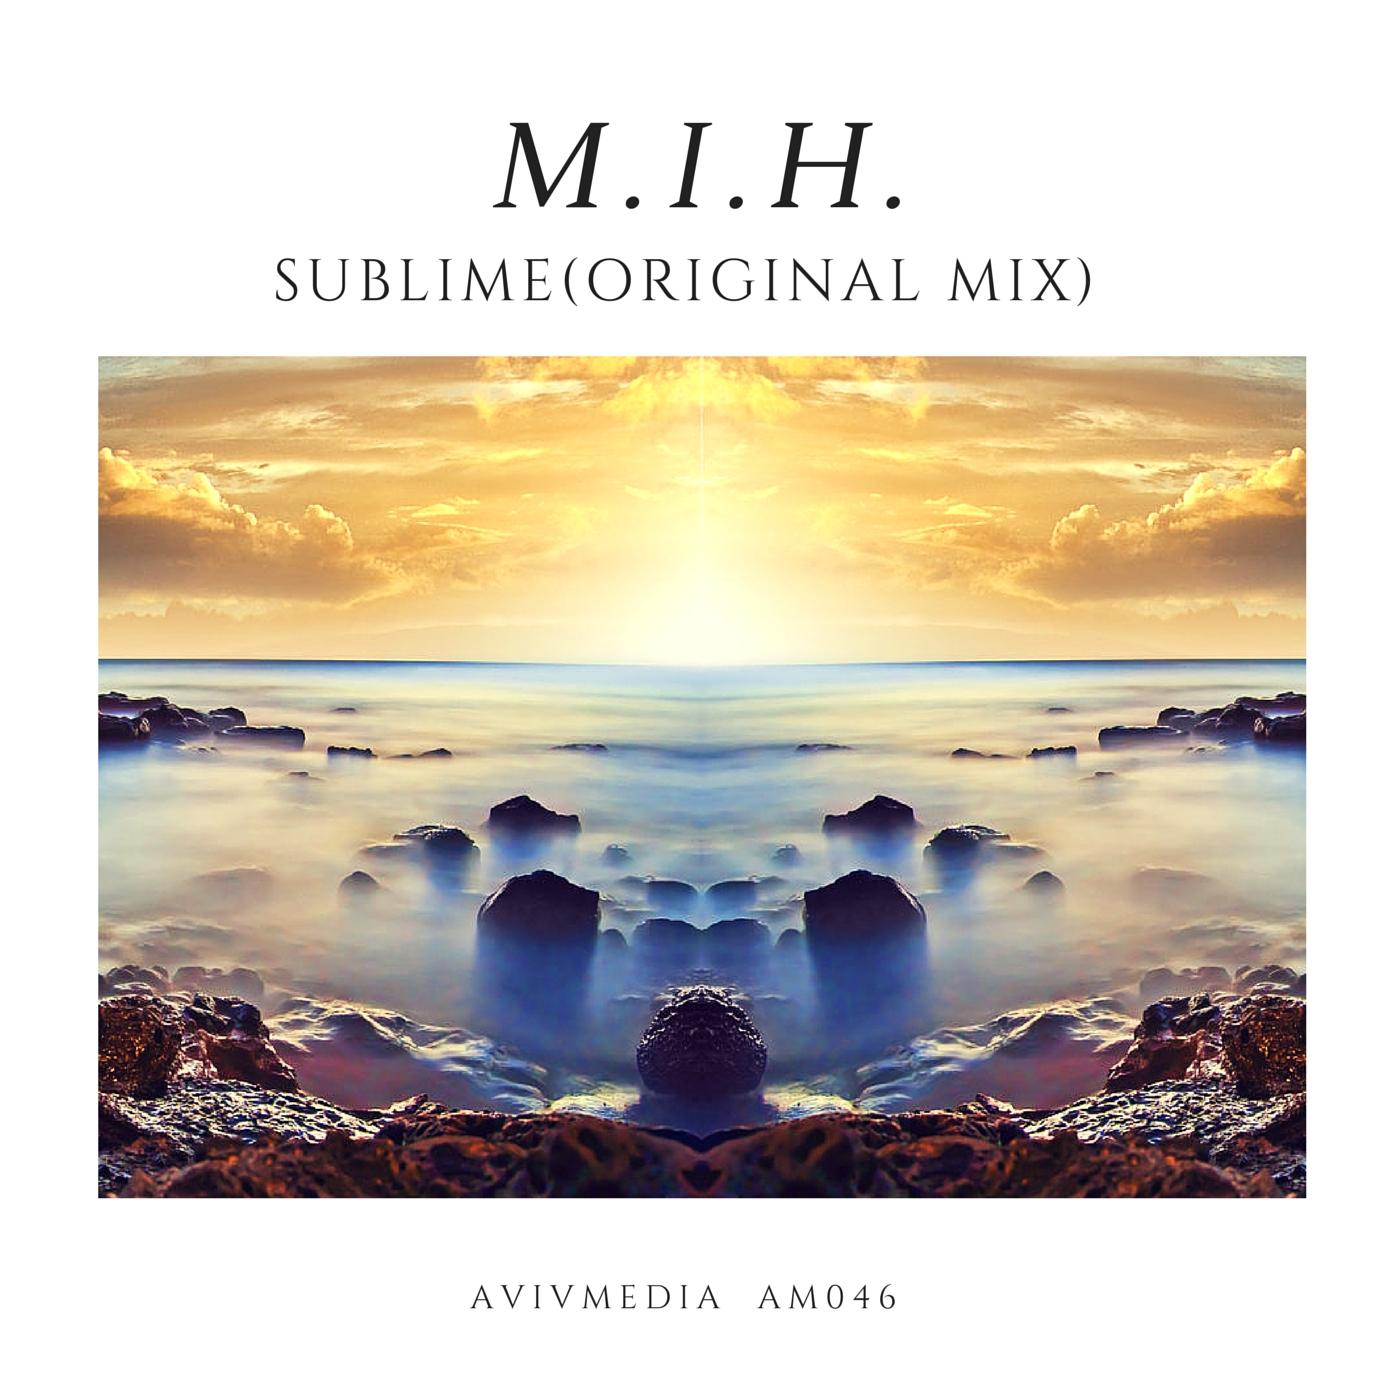 M.I.H. - Sublime (Original Mix)